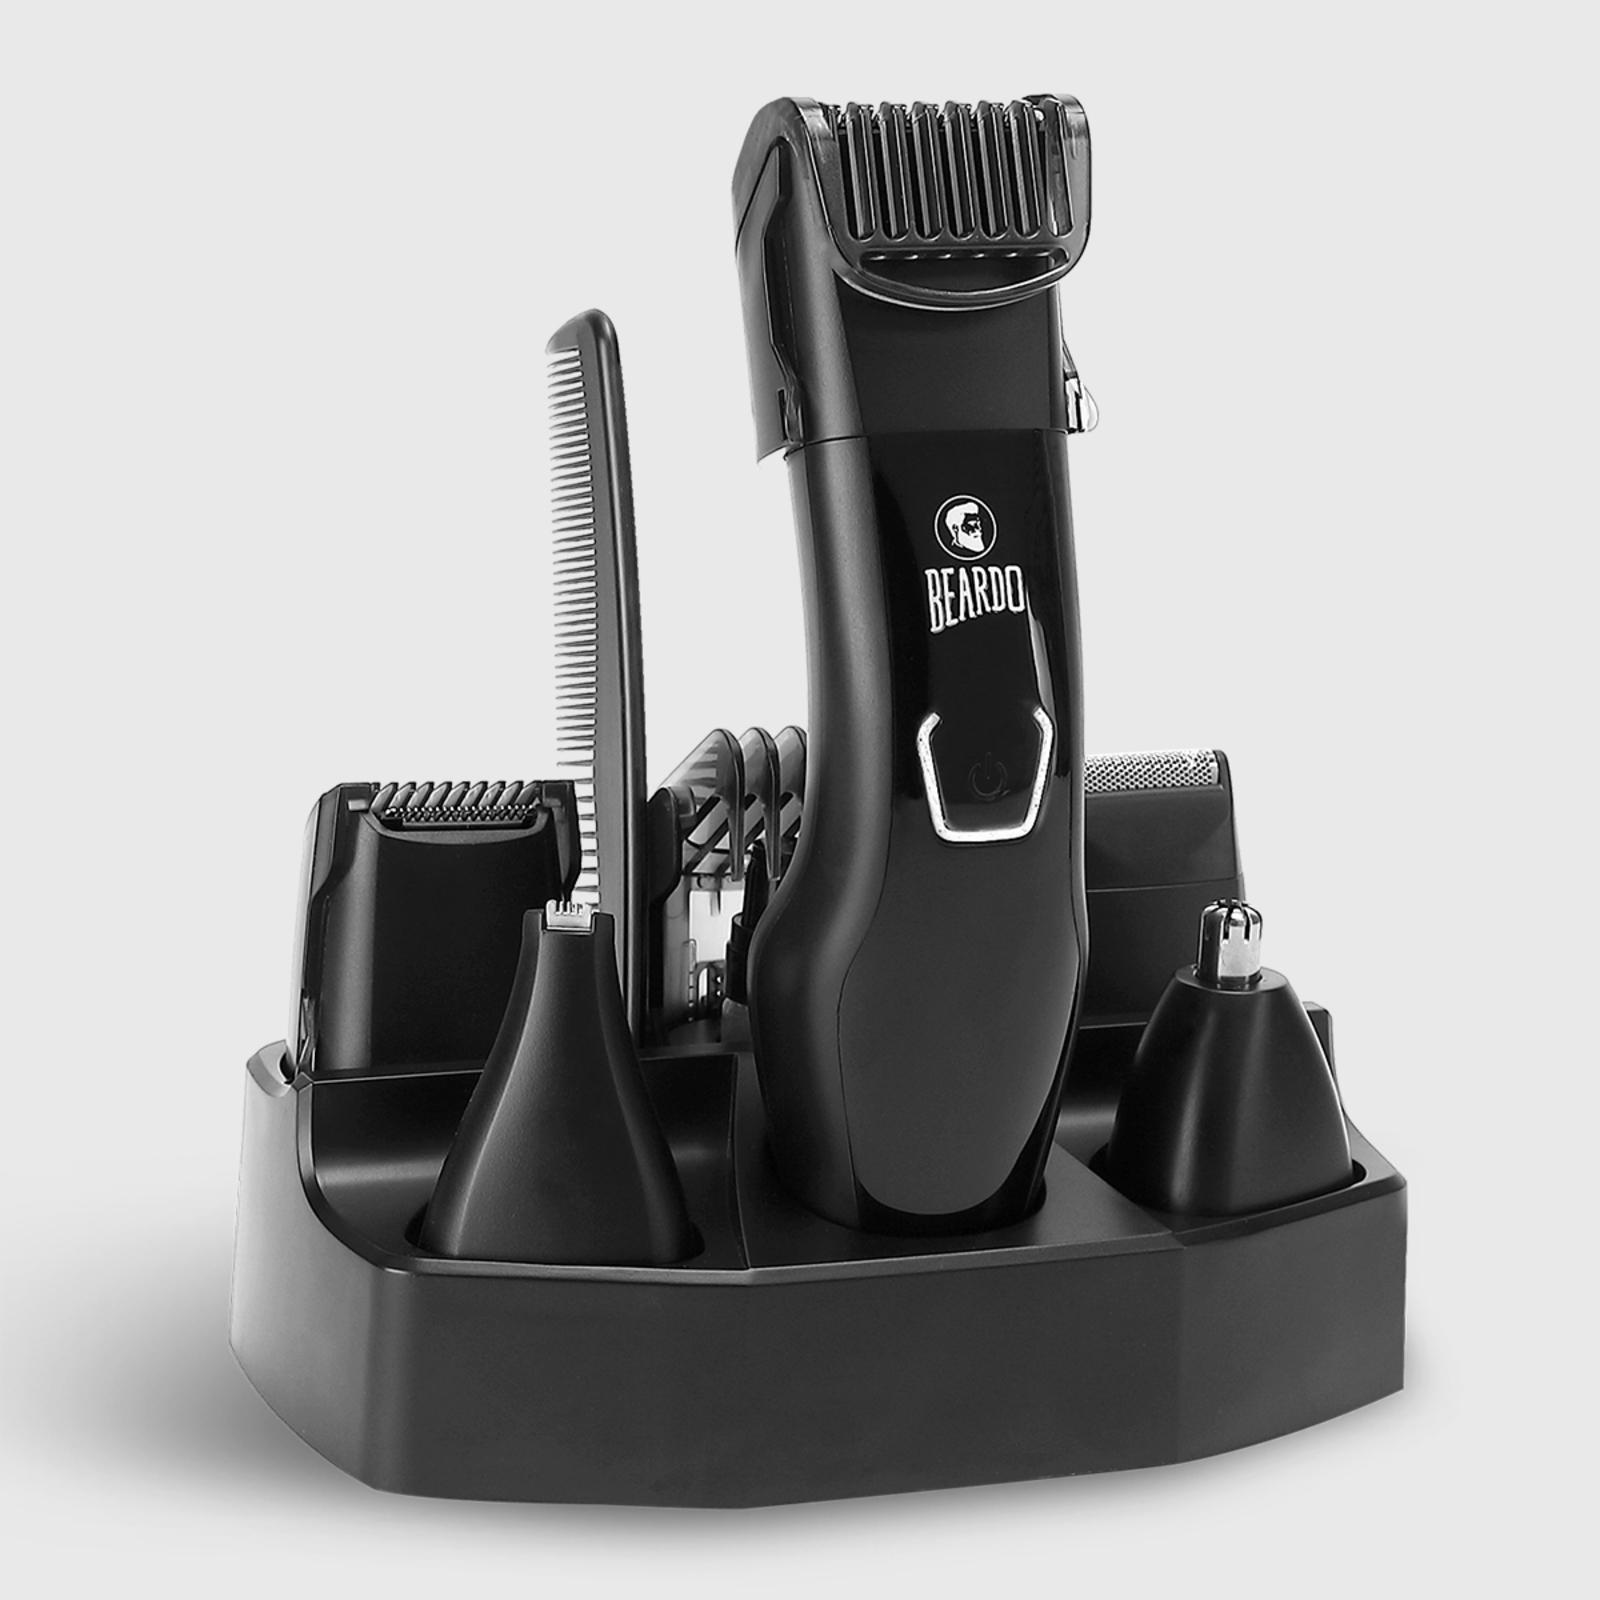 Beardo Multipurpose Trimmer Kit (PR3058)